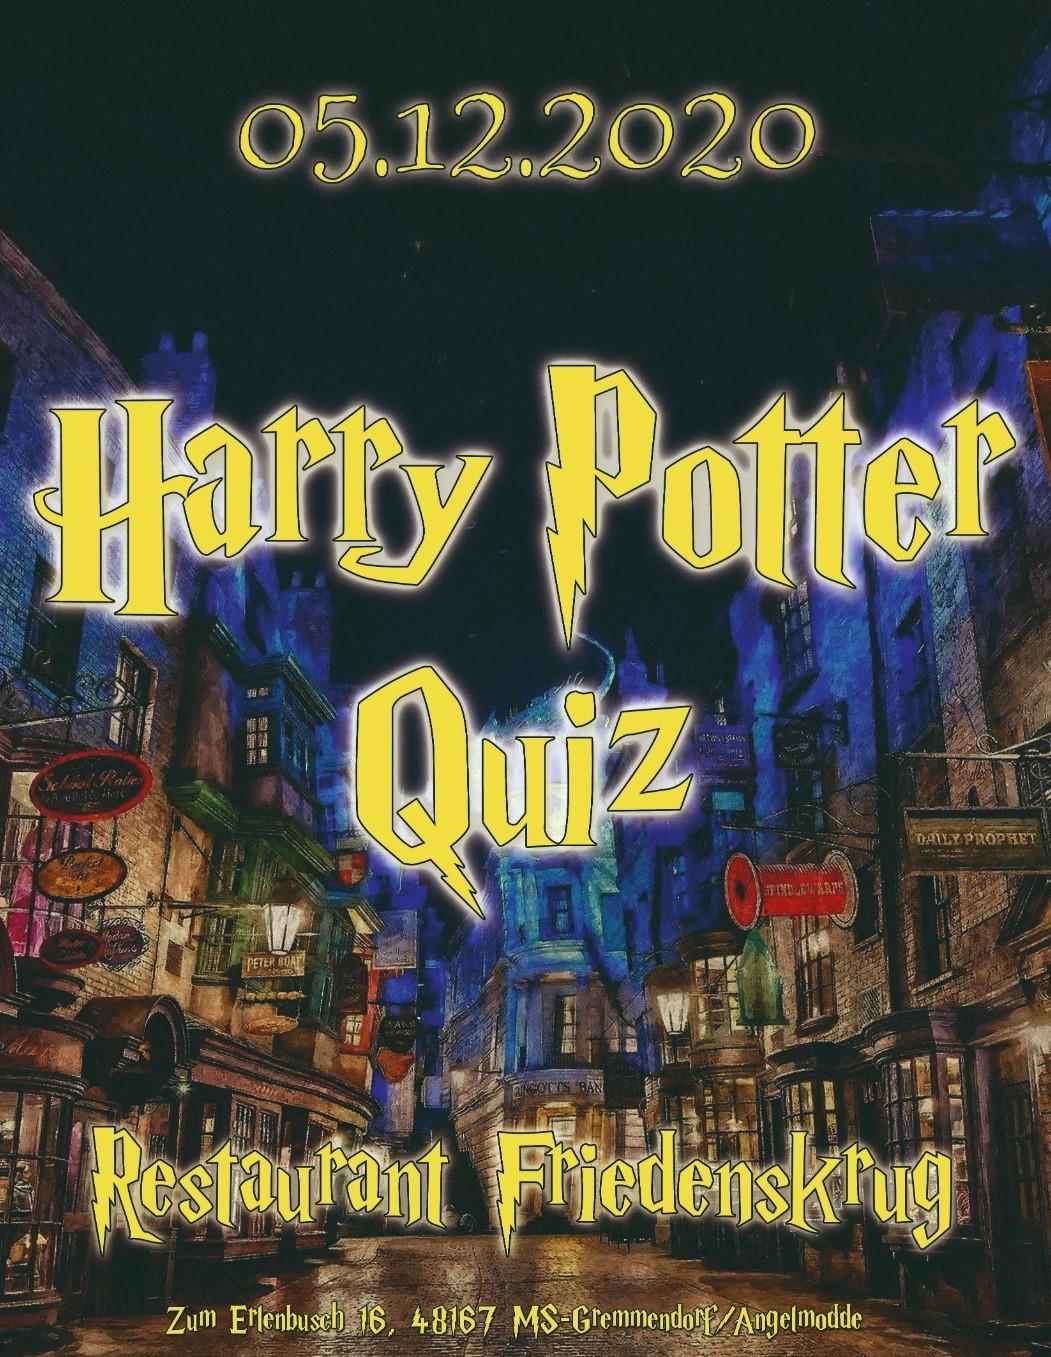 Harry Potter Fanquiz im Friedenskrug [verschoben auf den 22. März 2021]